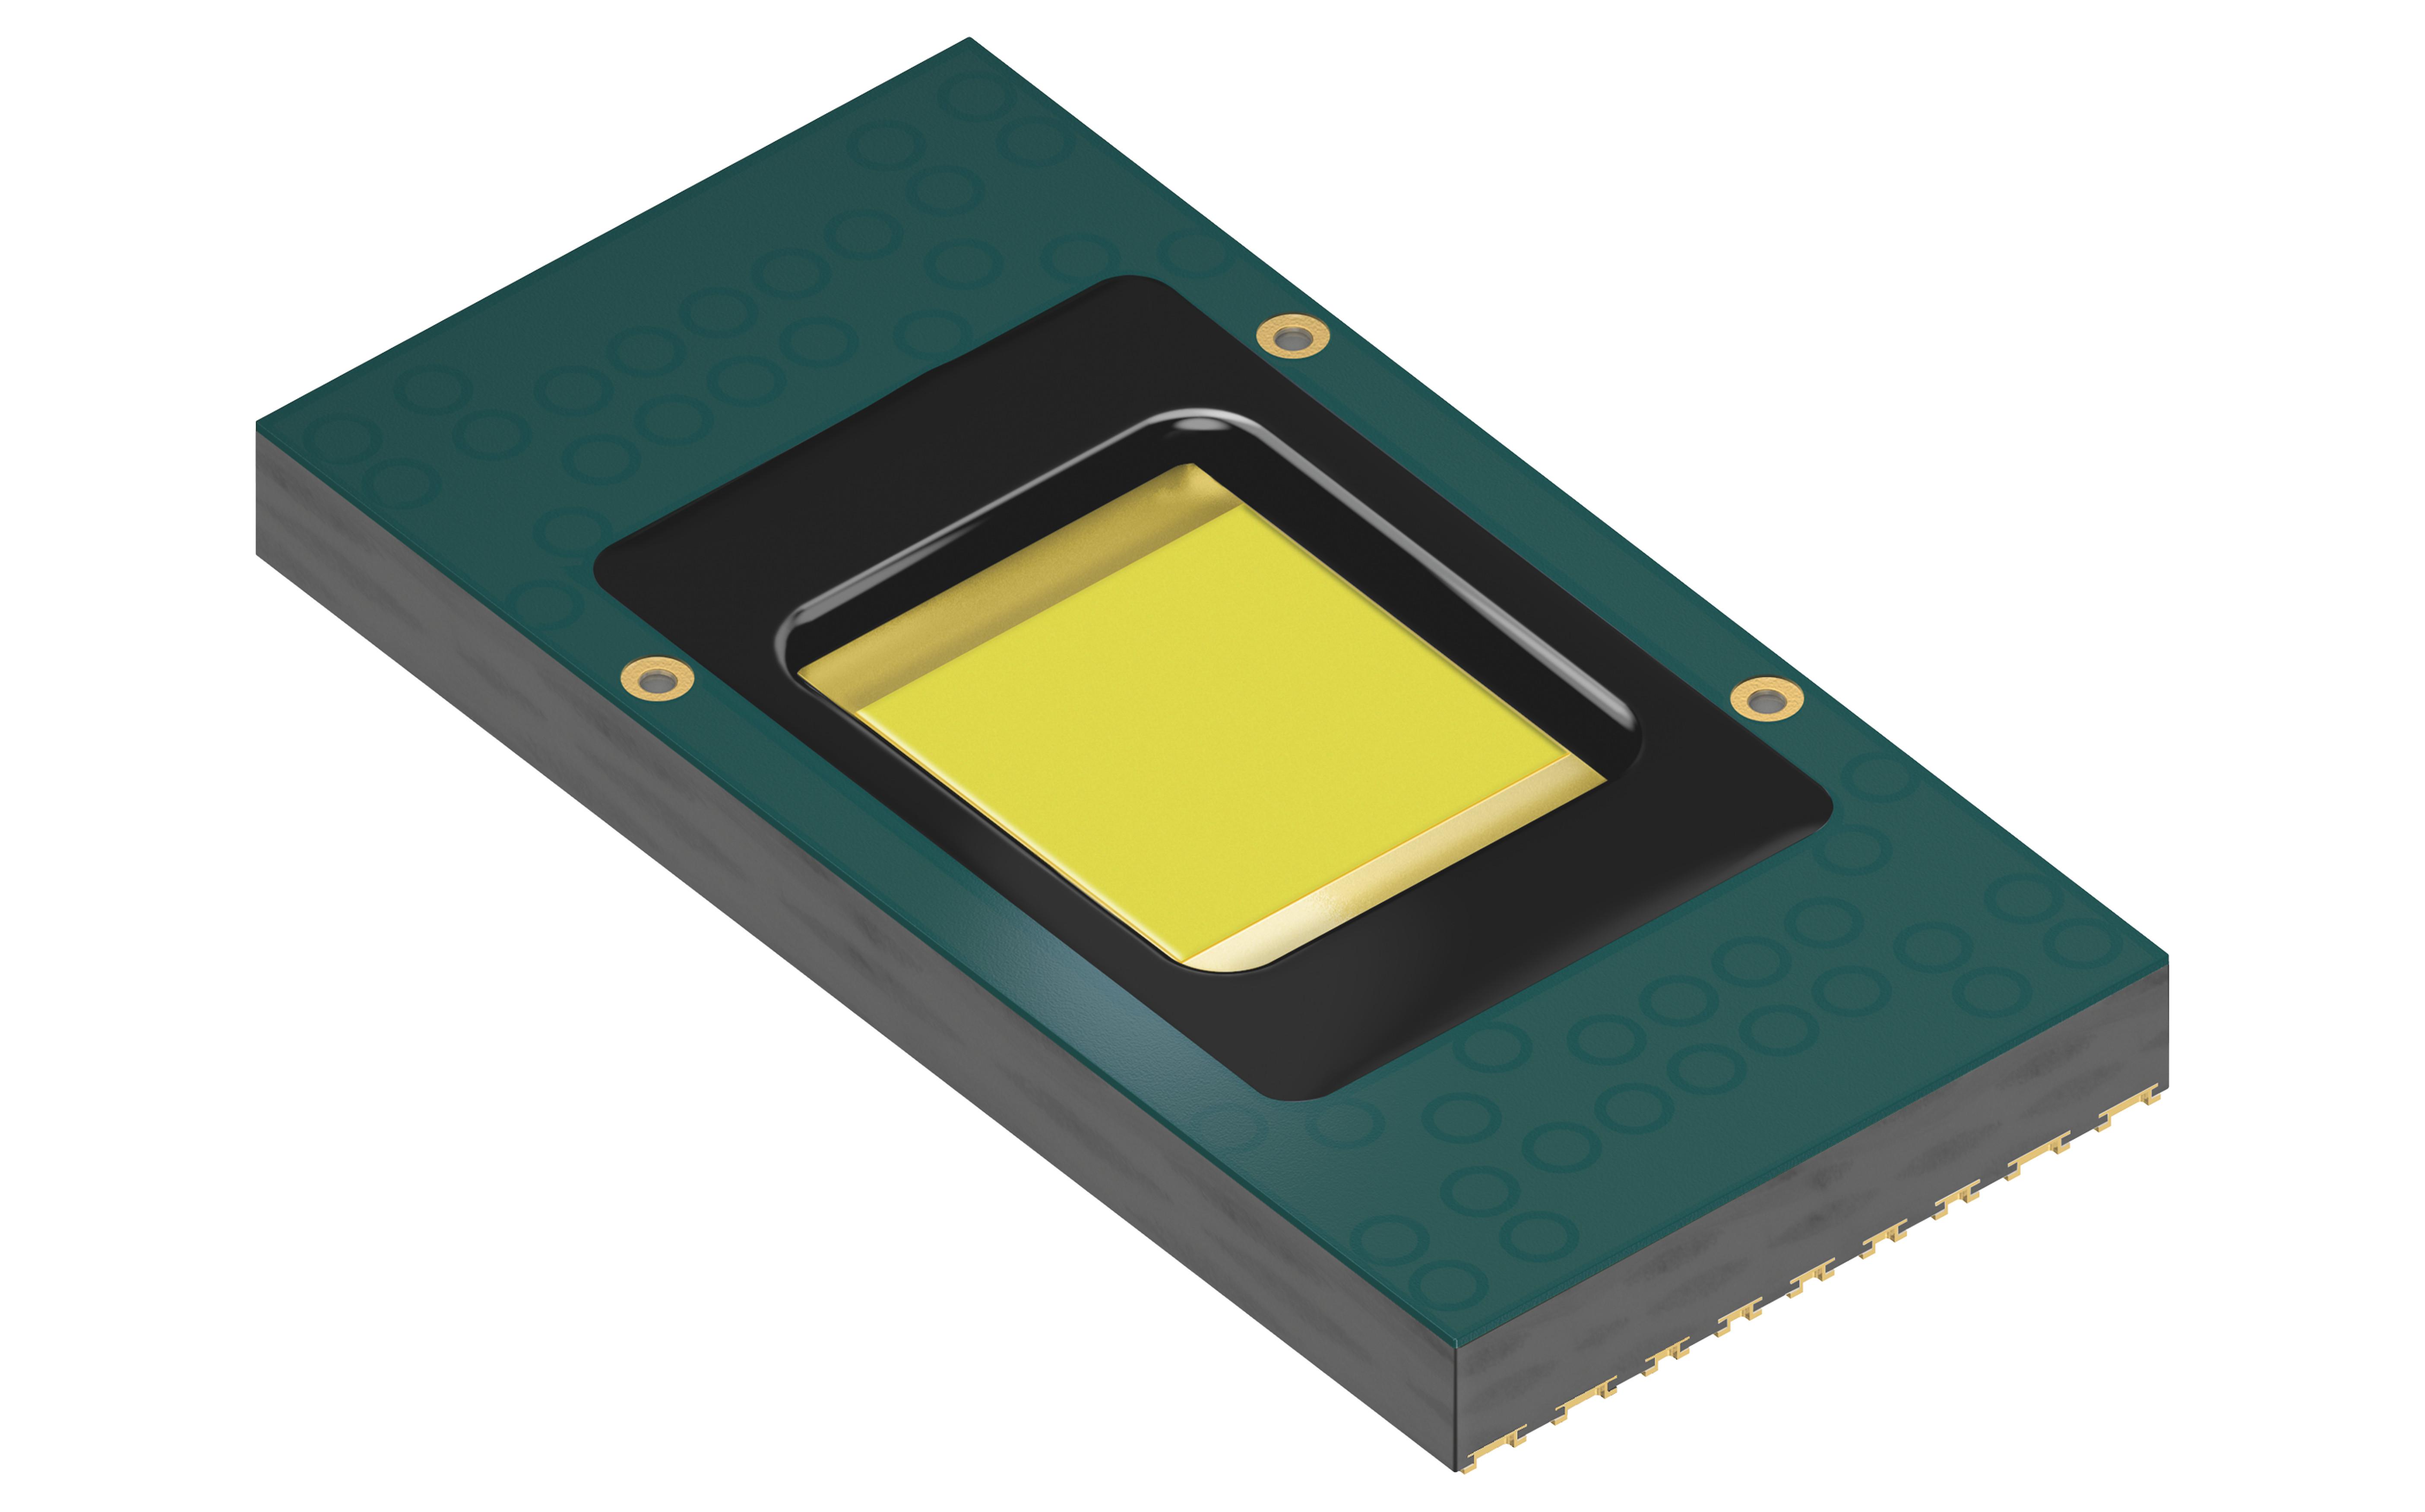 EVIYOS Multipixel LED